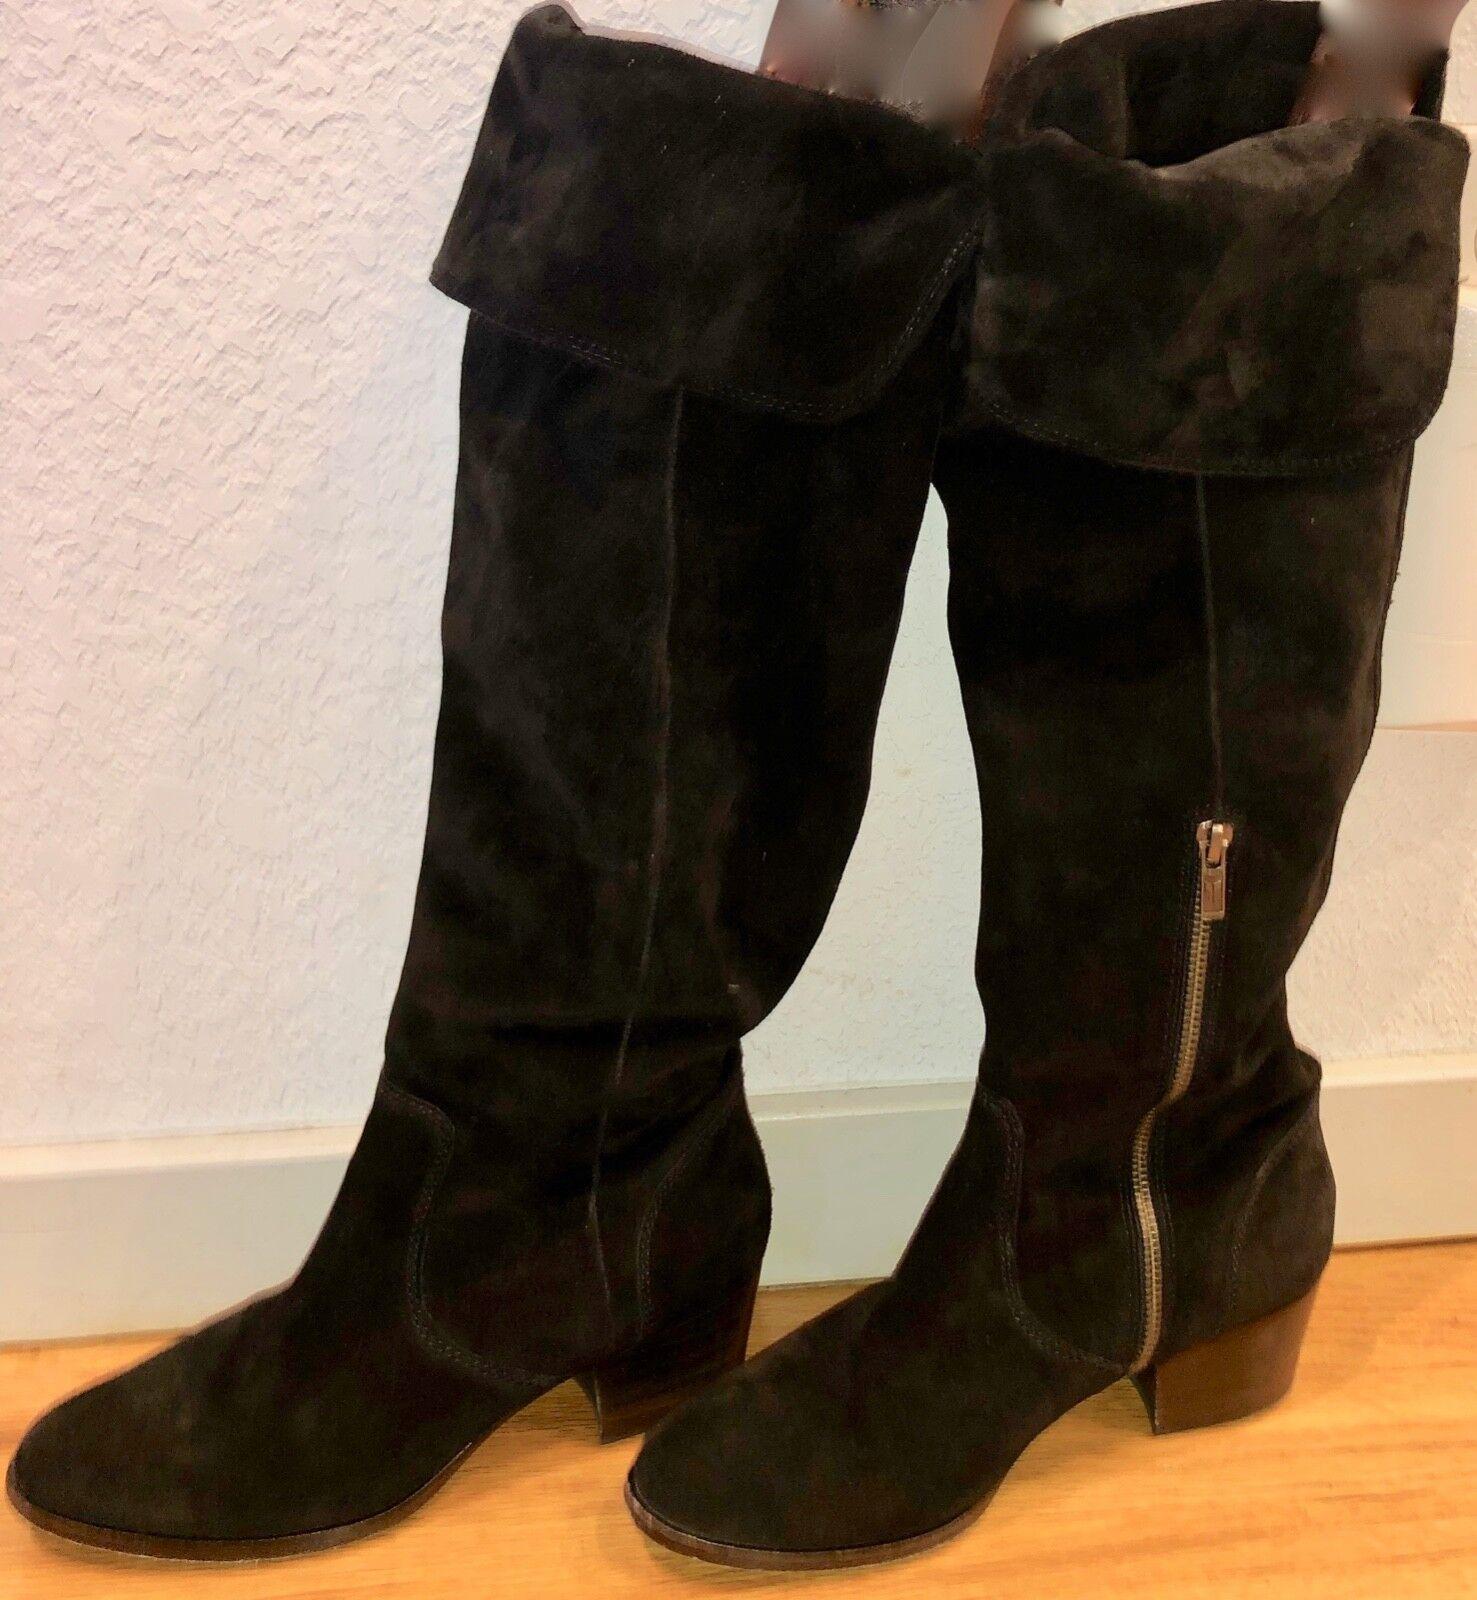 Frye clara botas la Negro Suede sobre la botas rodilla por encima de la rodilla tamaño 8.5 JC0497 cb1267